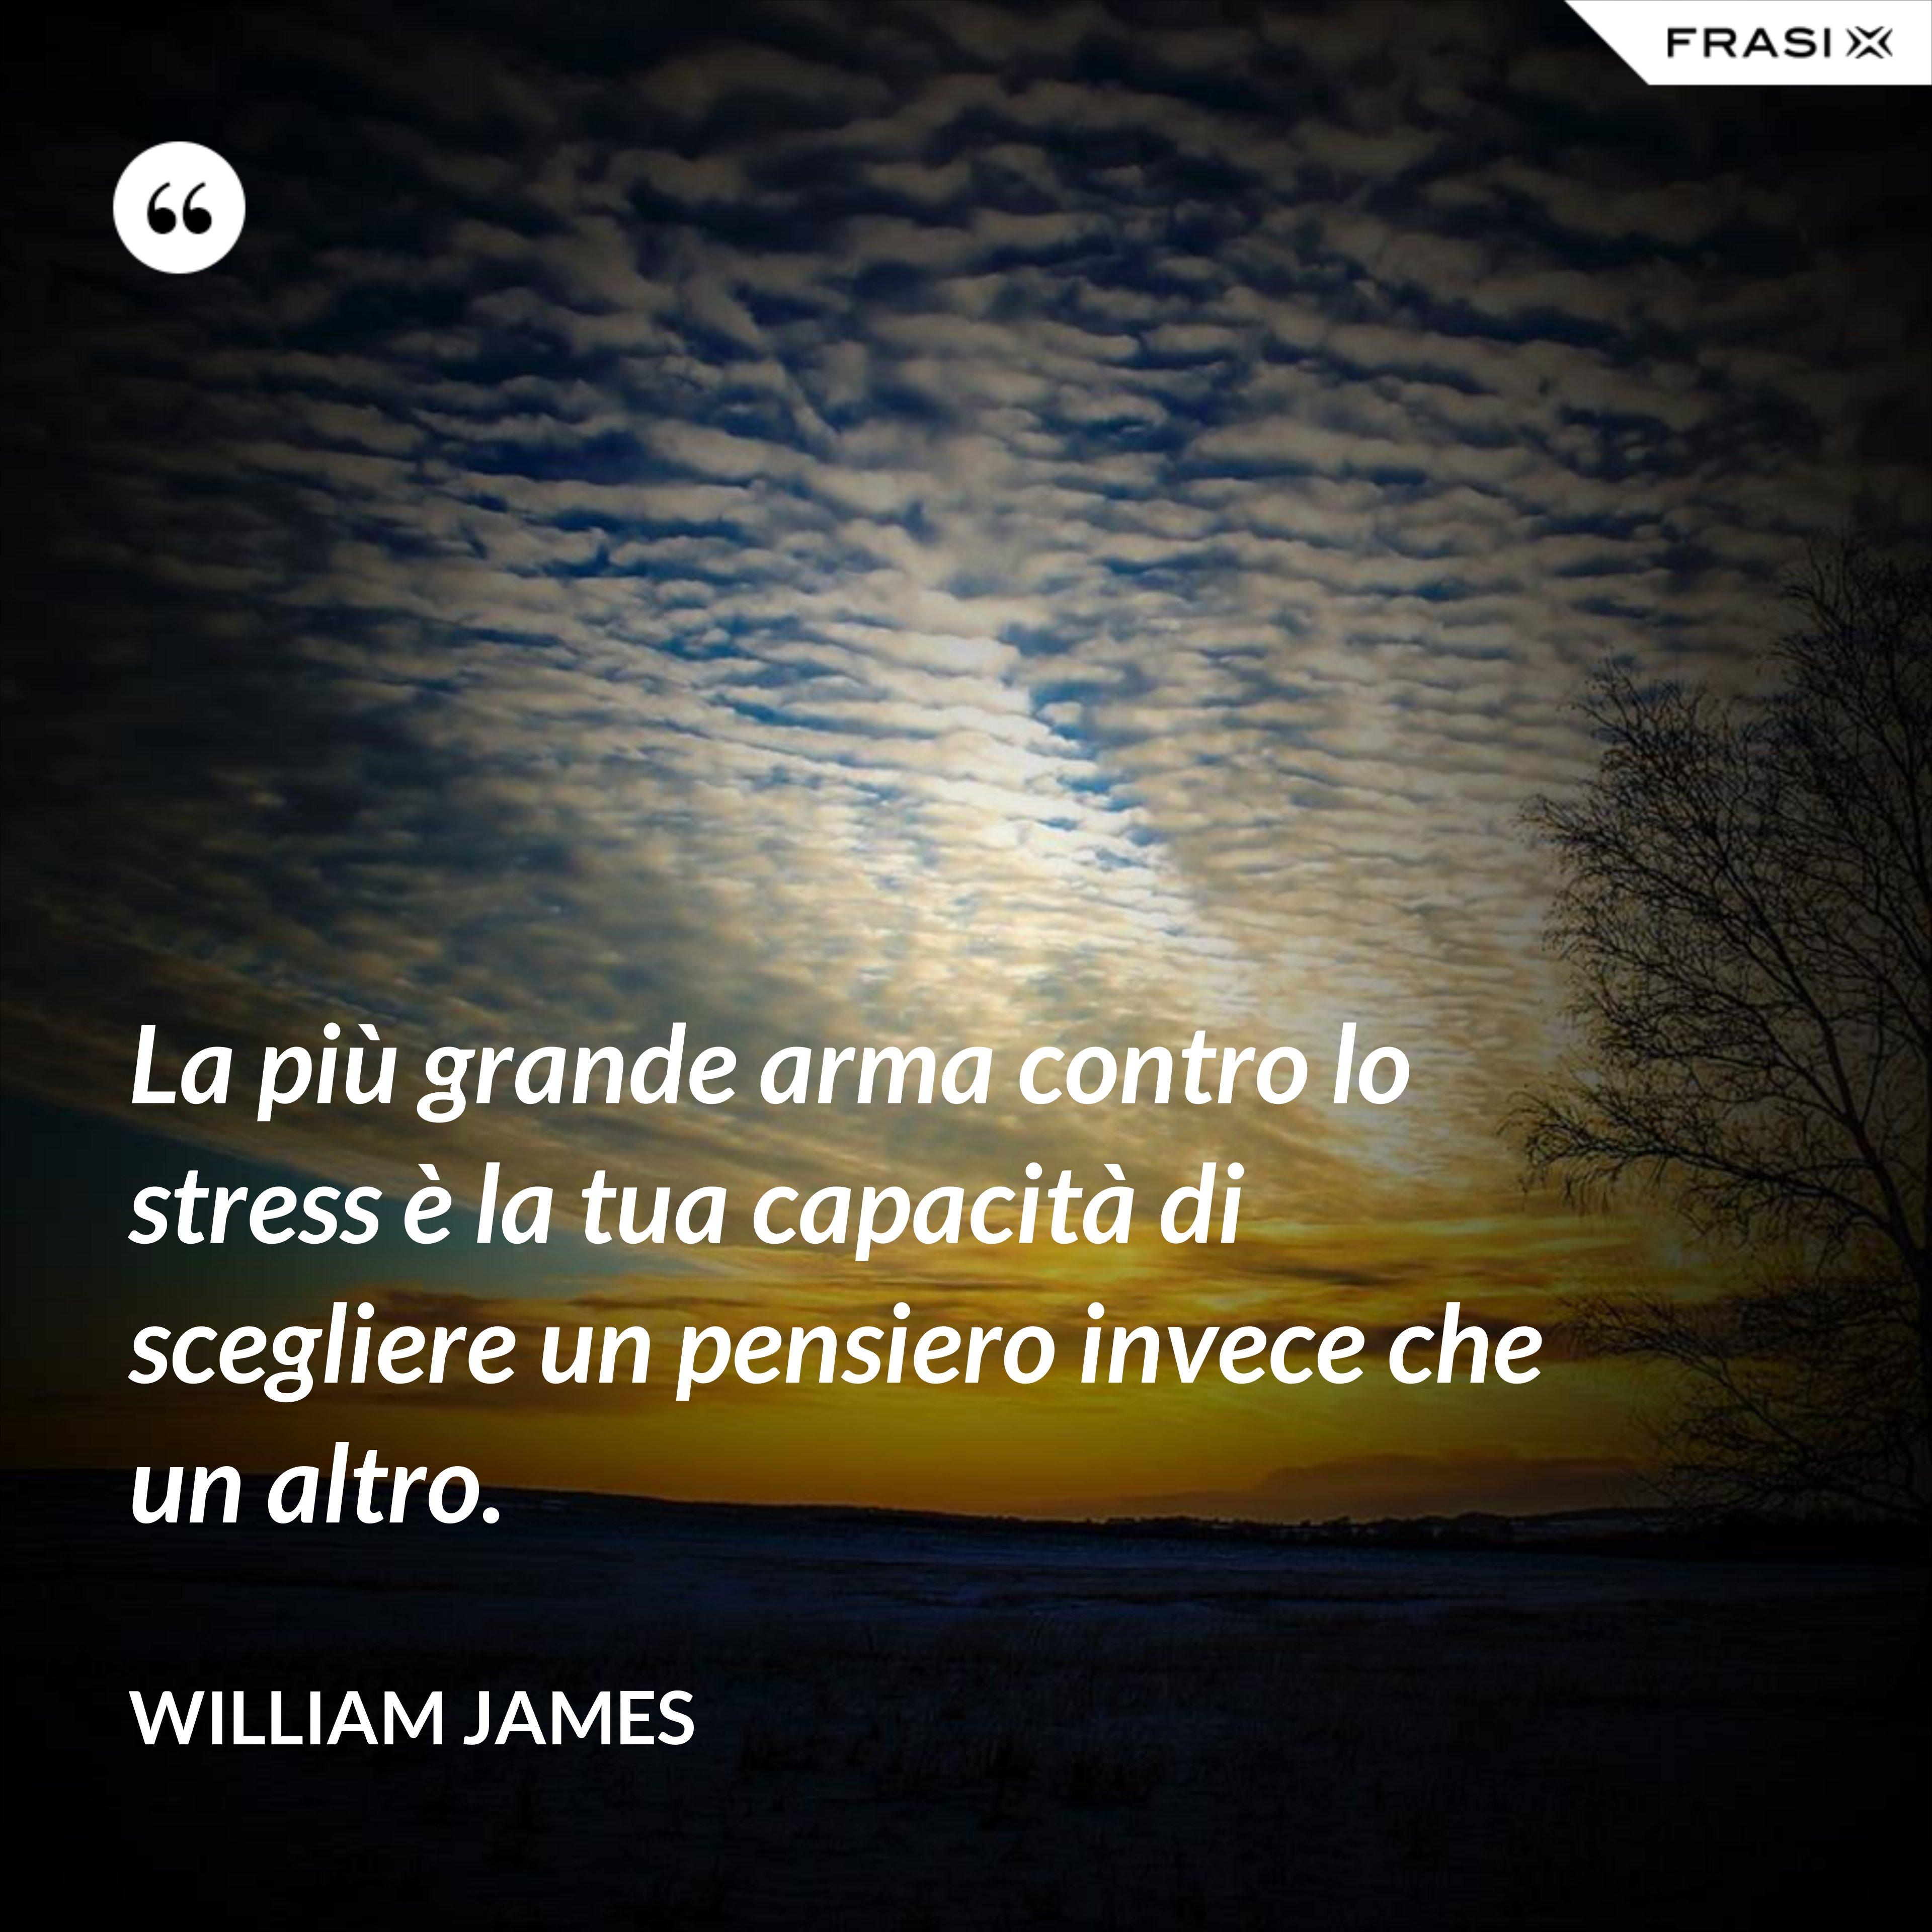 La più grande arma contro lo stress è la tua capacità di scegliere un pensiero invece che un altro. - William James